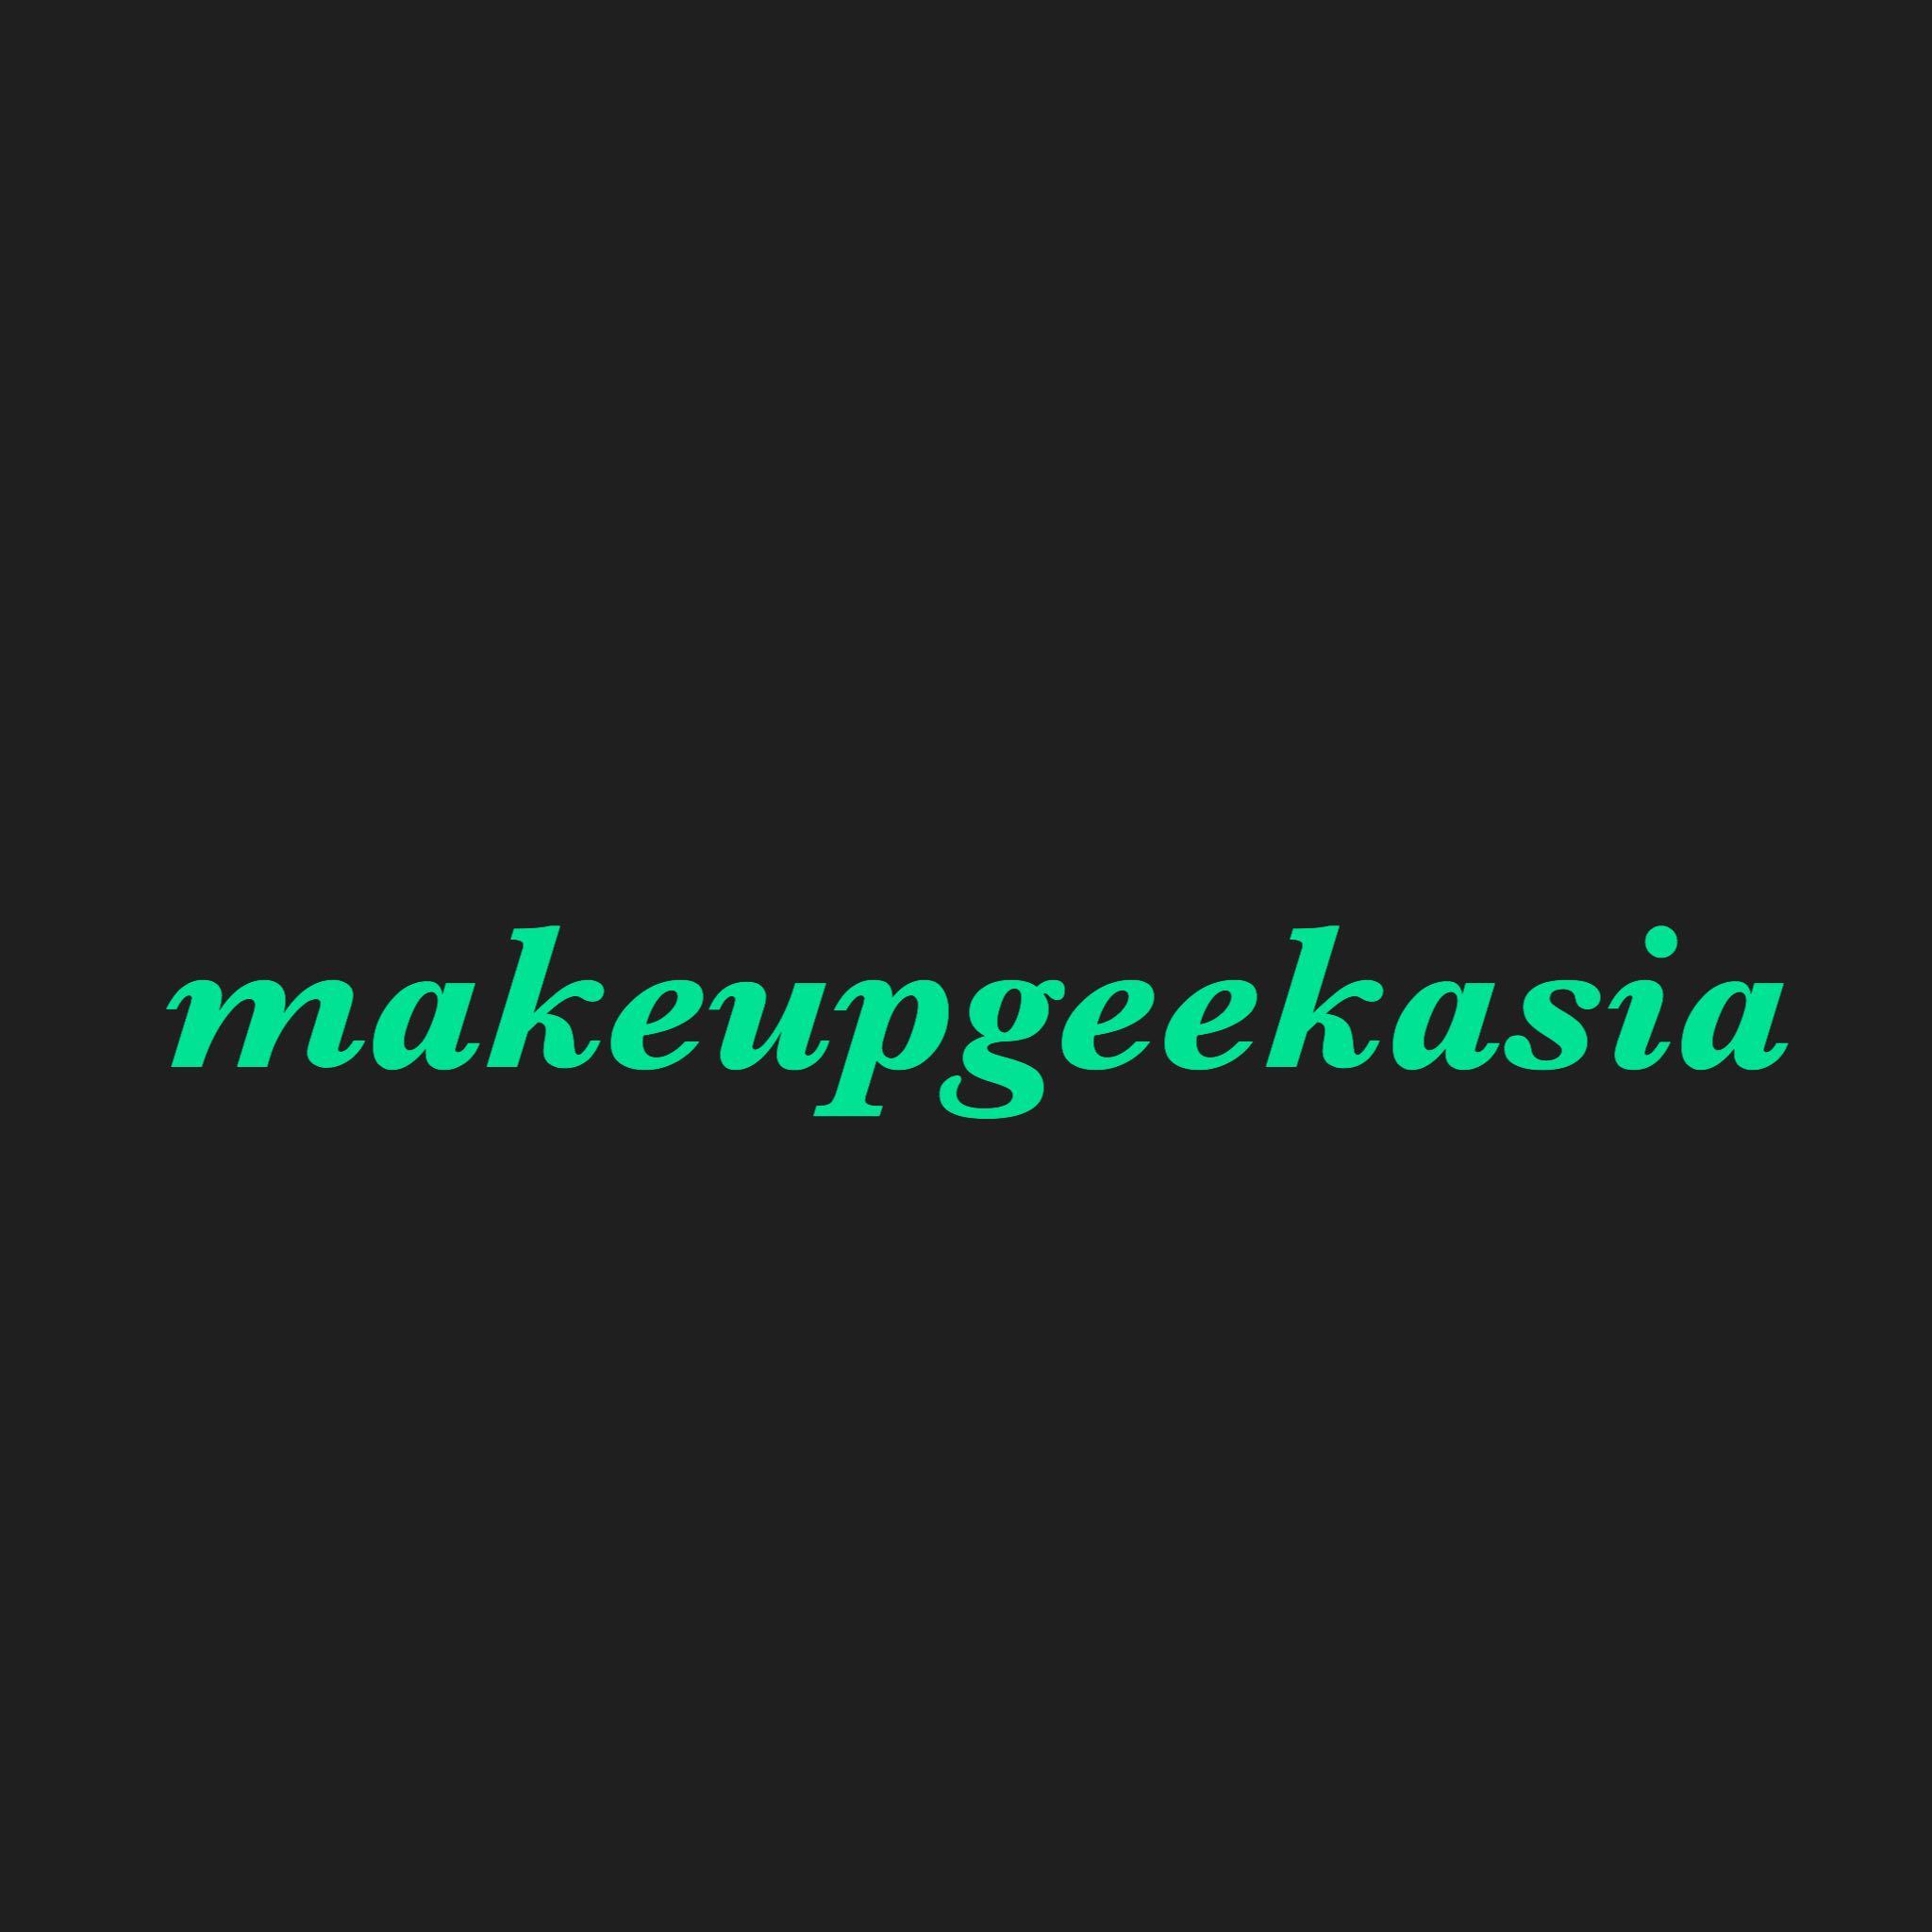 makeupgeekasia